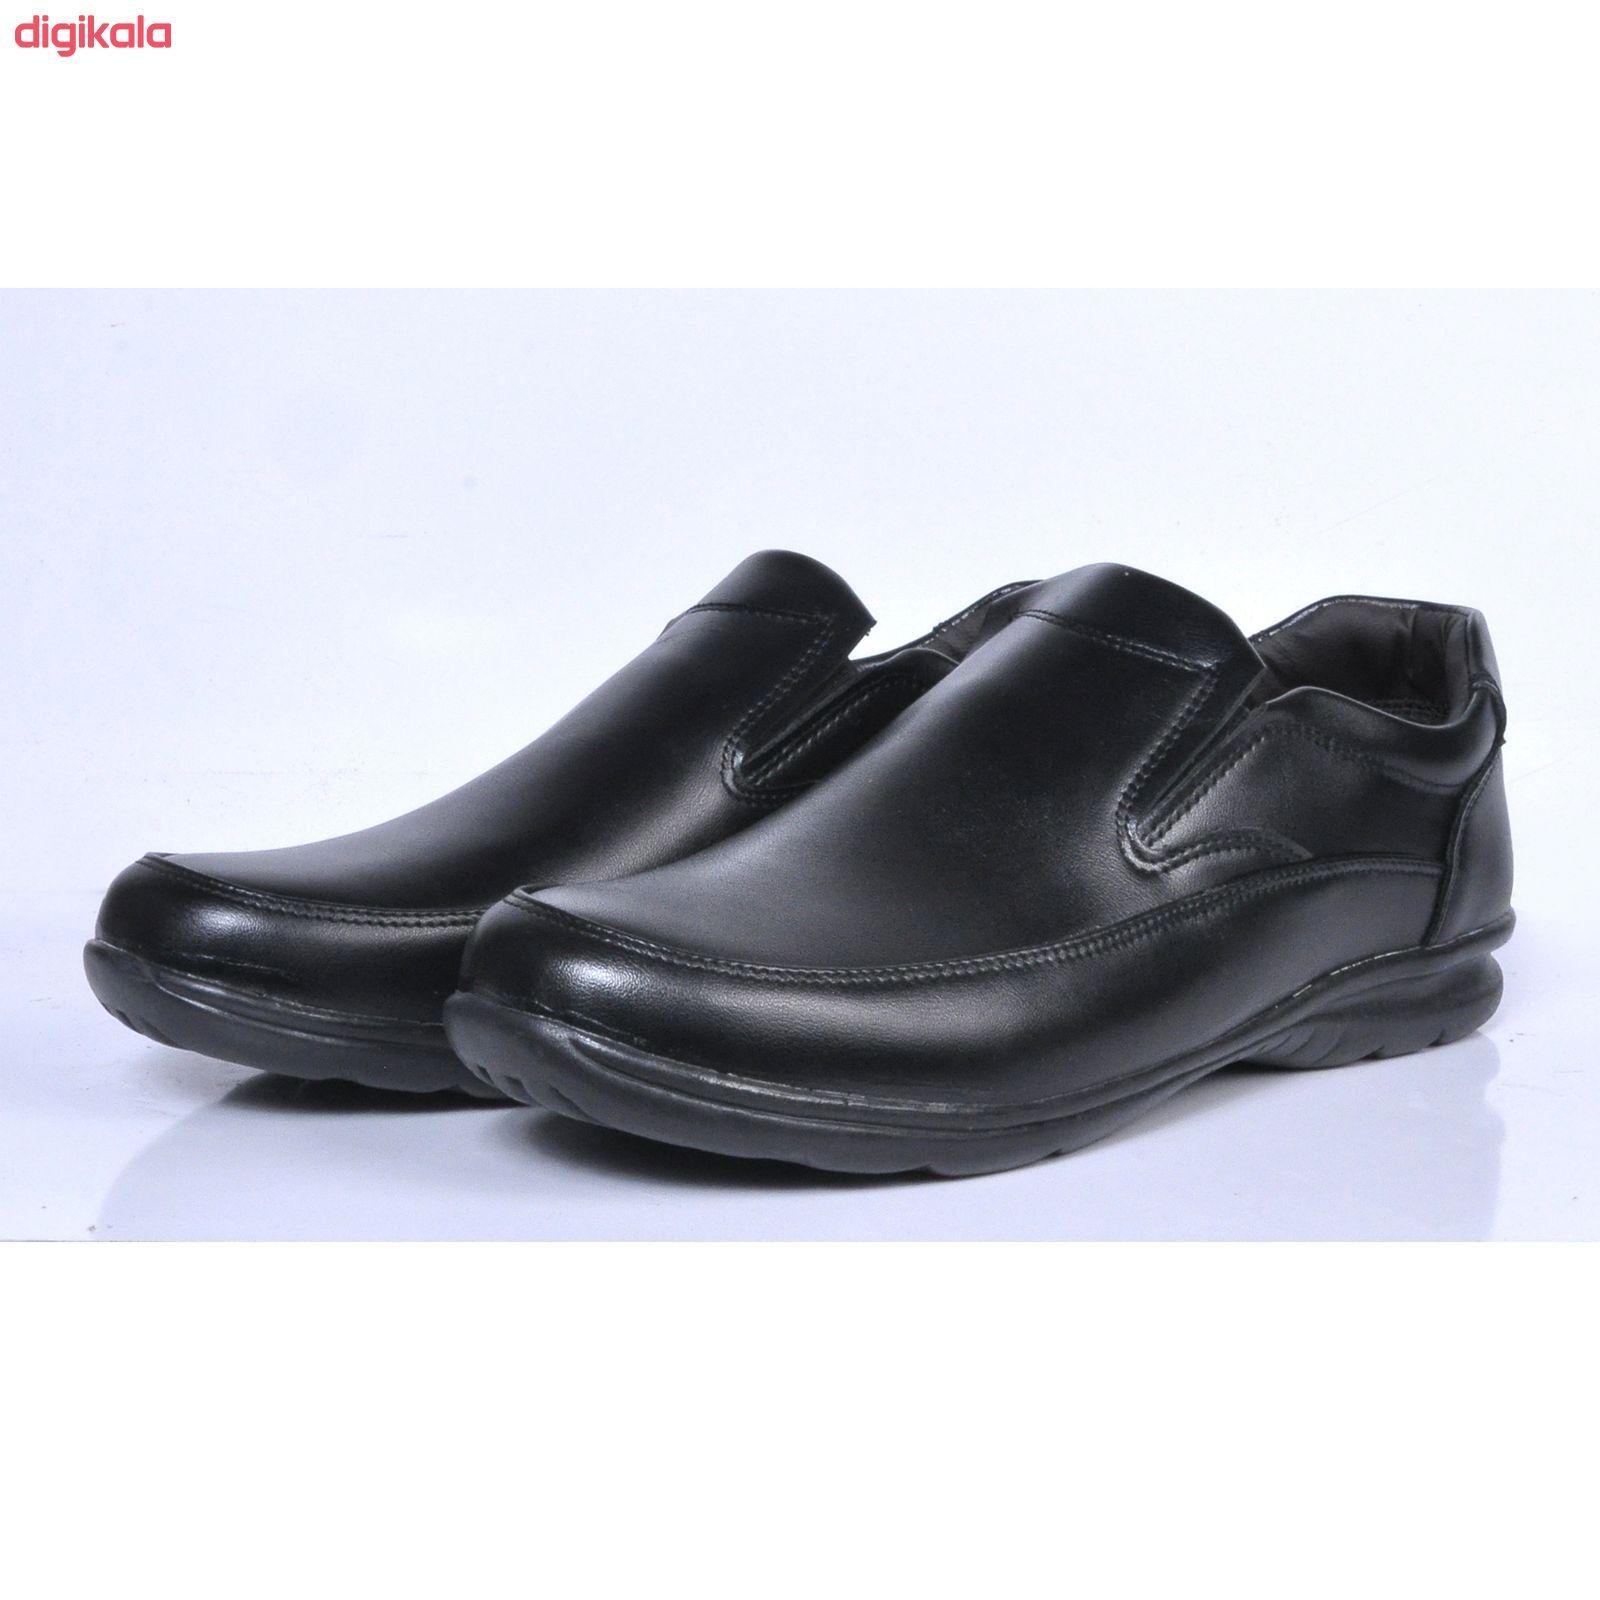 کفش روزمره مردانه کد m292m main 1 1